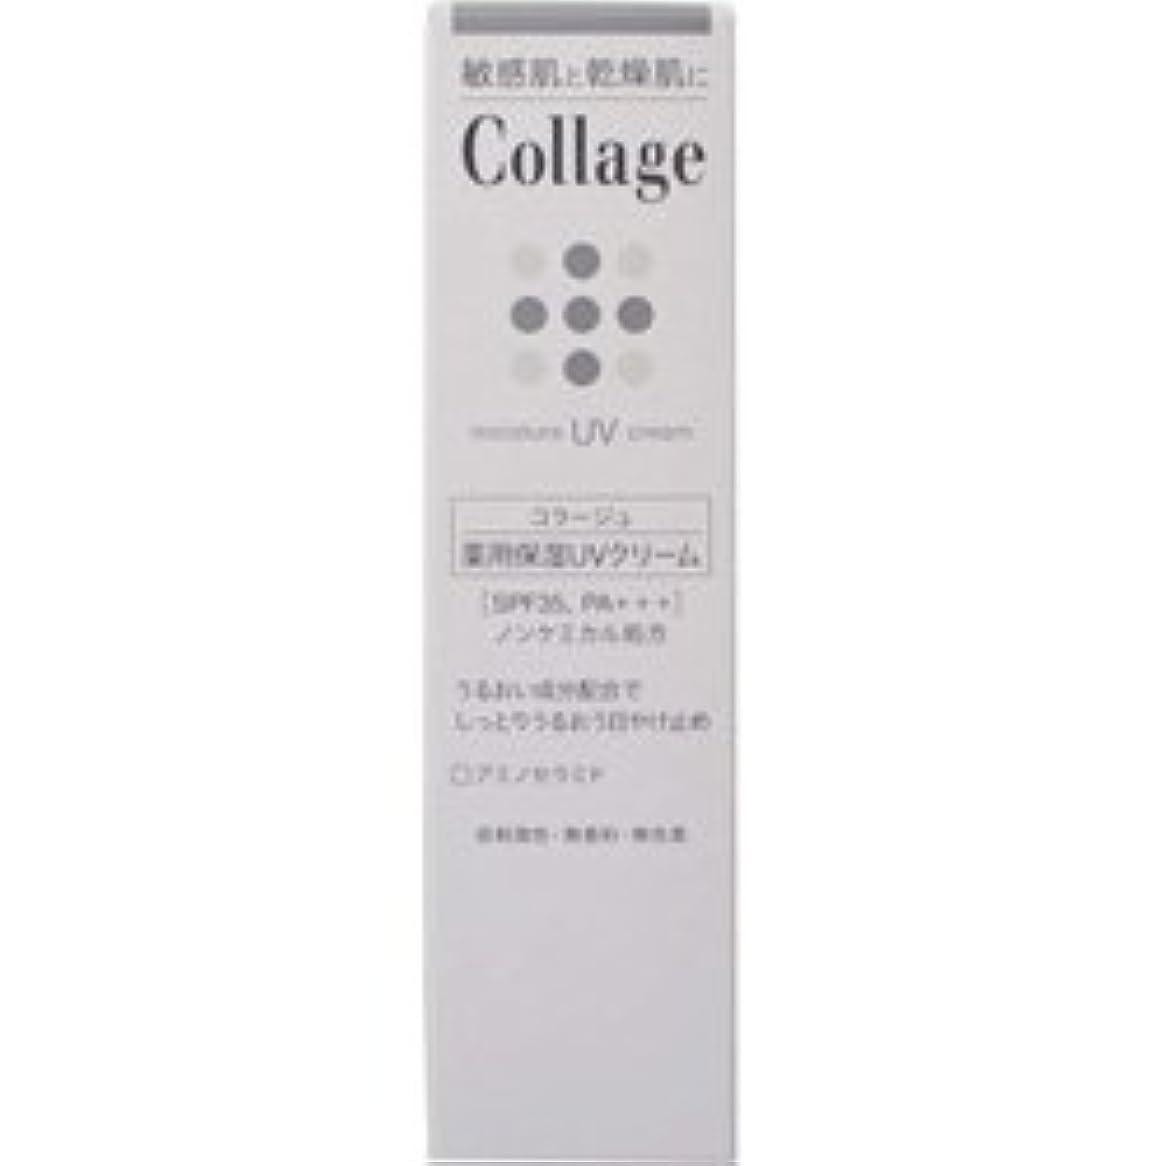 【持田ヘルスケア】 コラージュ薬用保湿UVクリーム 30g (医薬部外品) ×5個セット